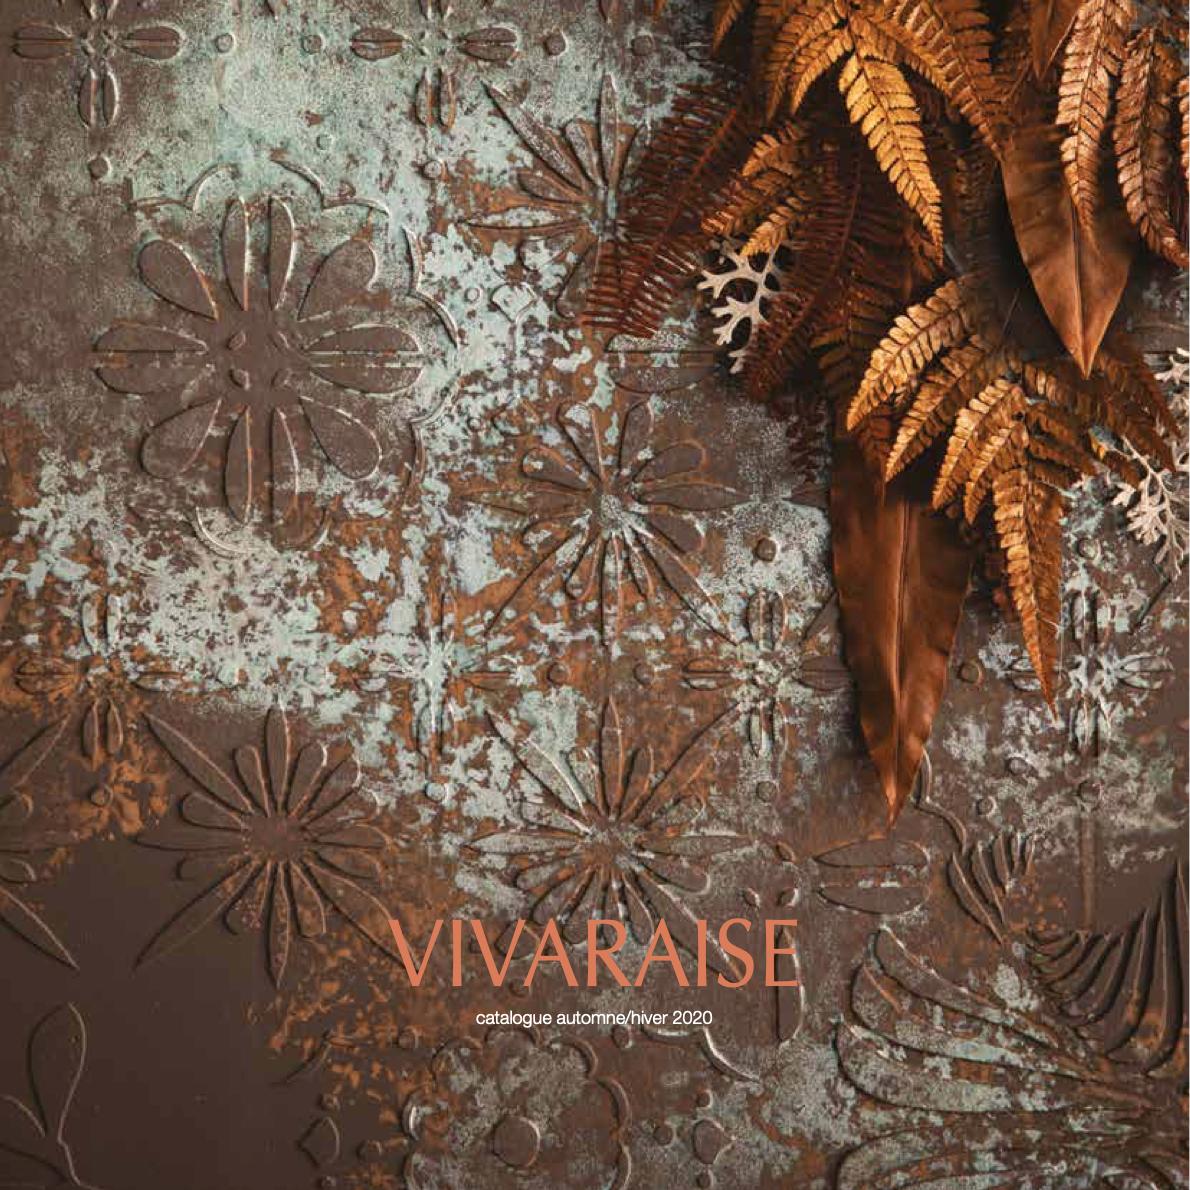 Vivaraise - Nuevo catálogo otoño - invierno